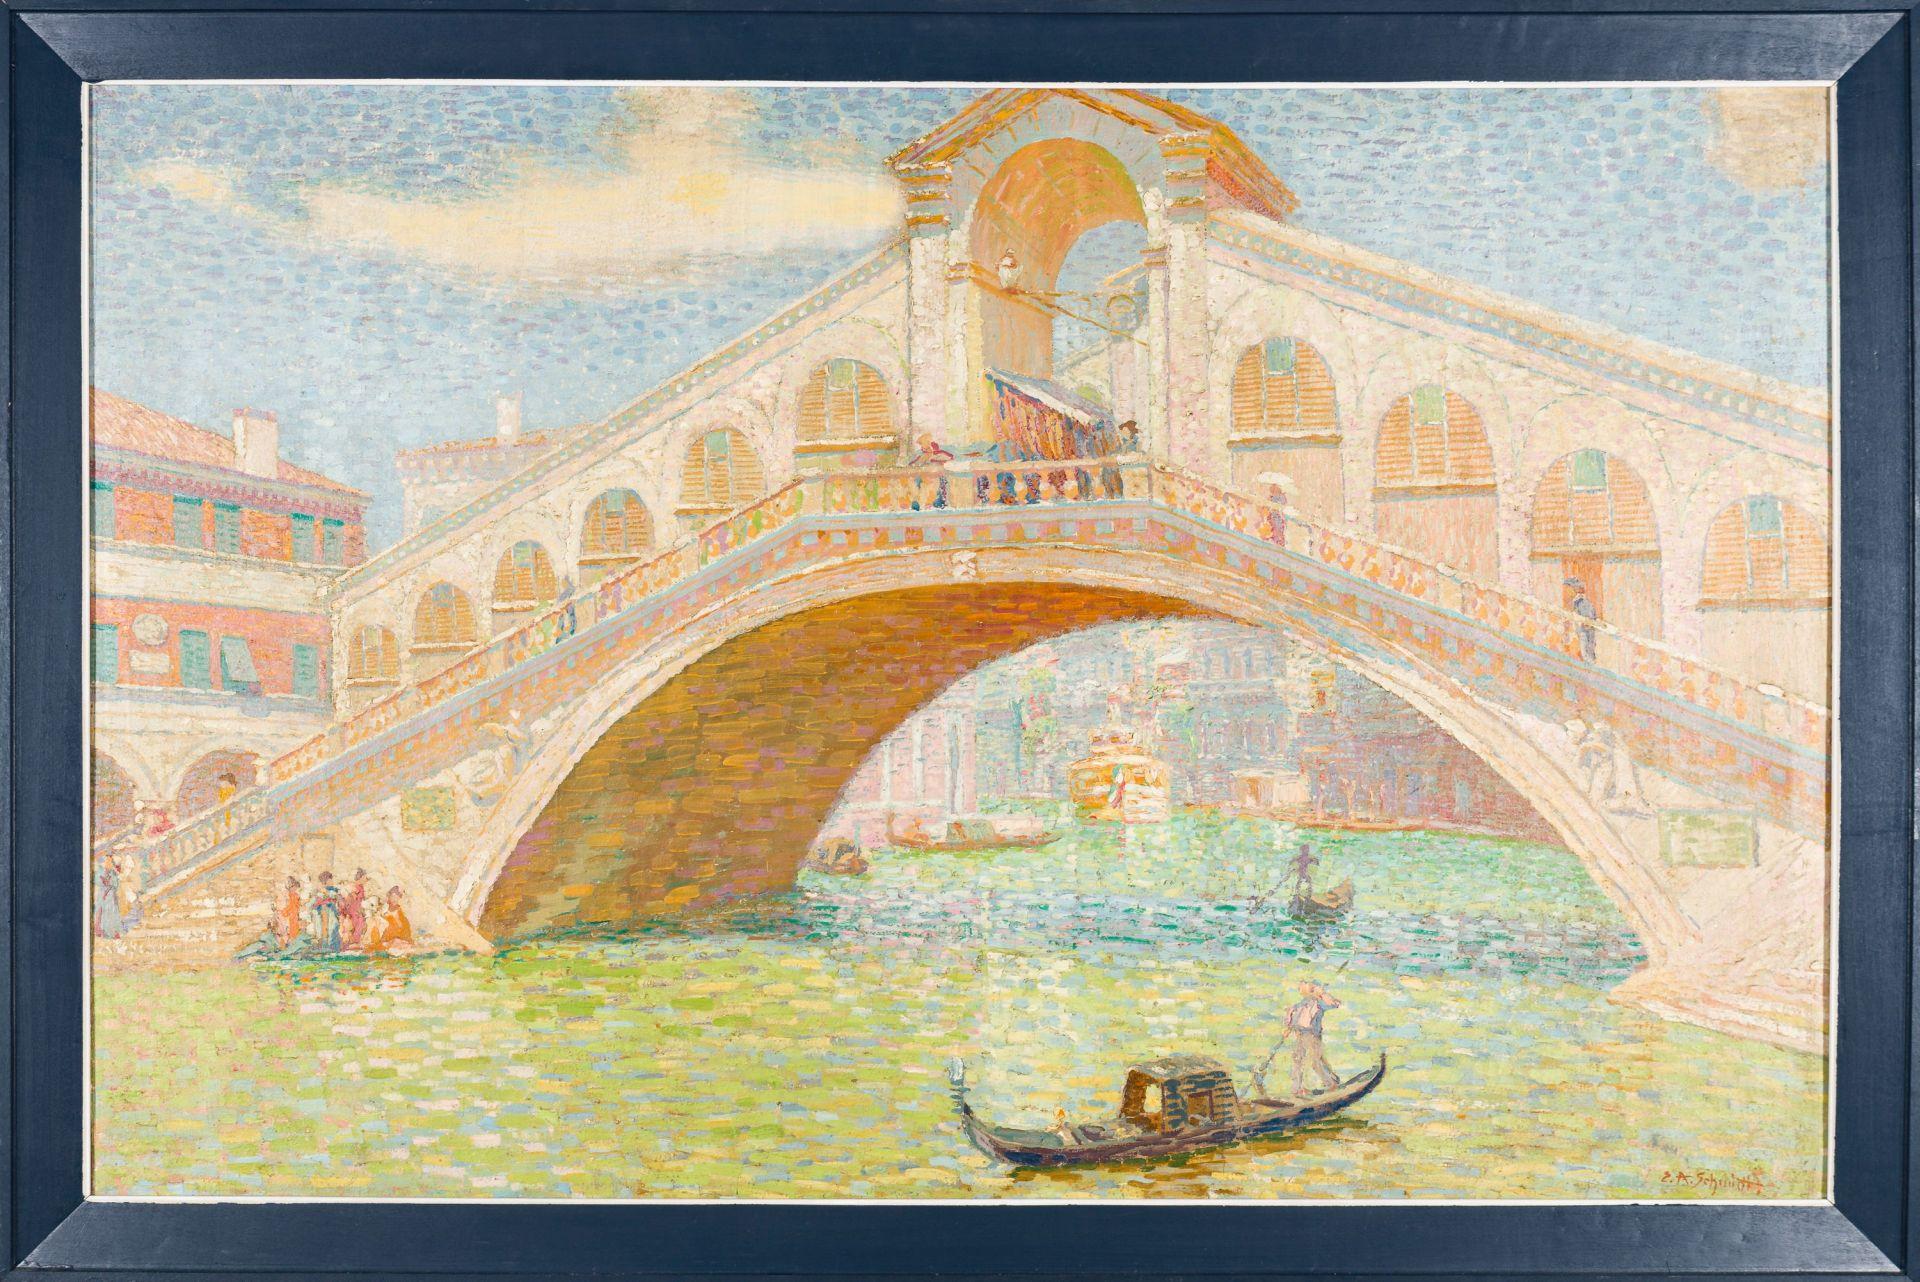 E. A. Schmitt-Rialto Bridge in Venice